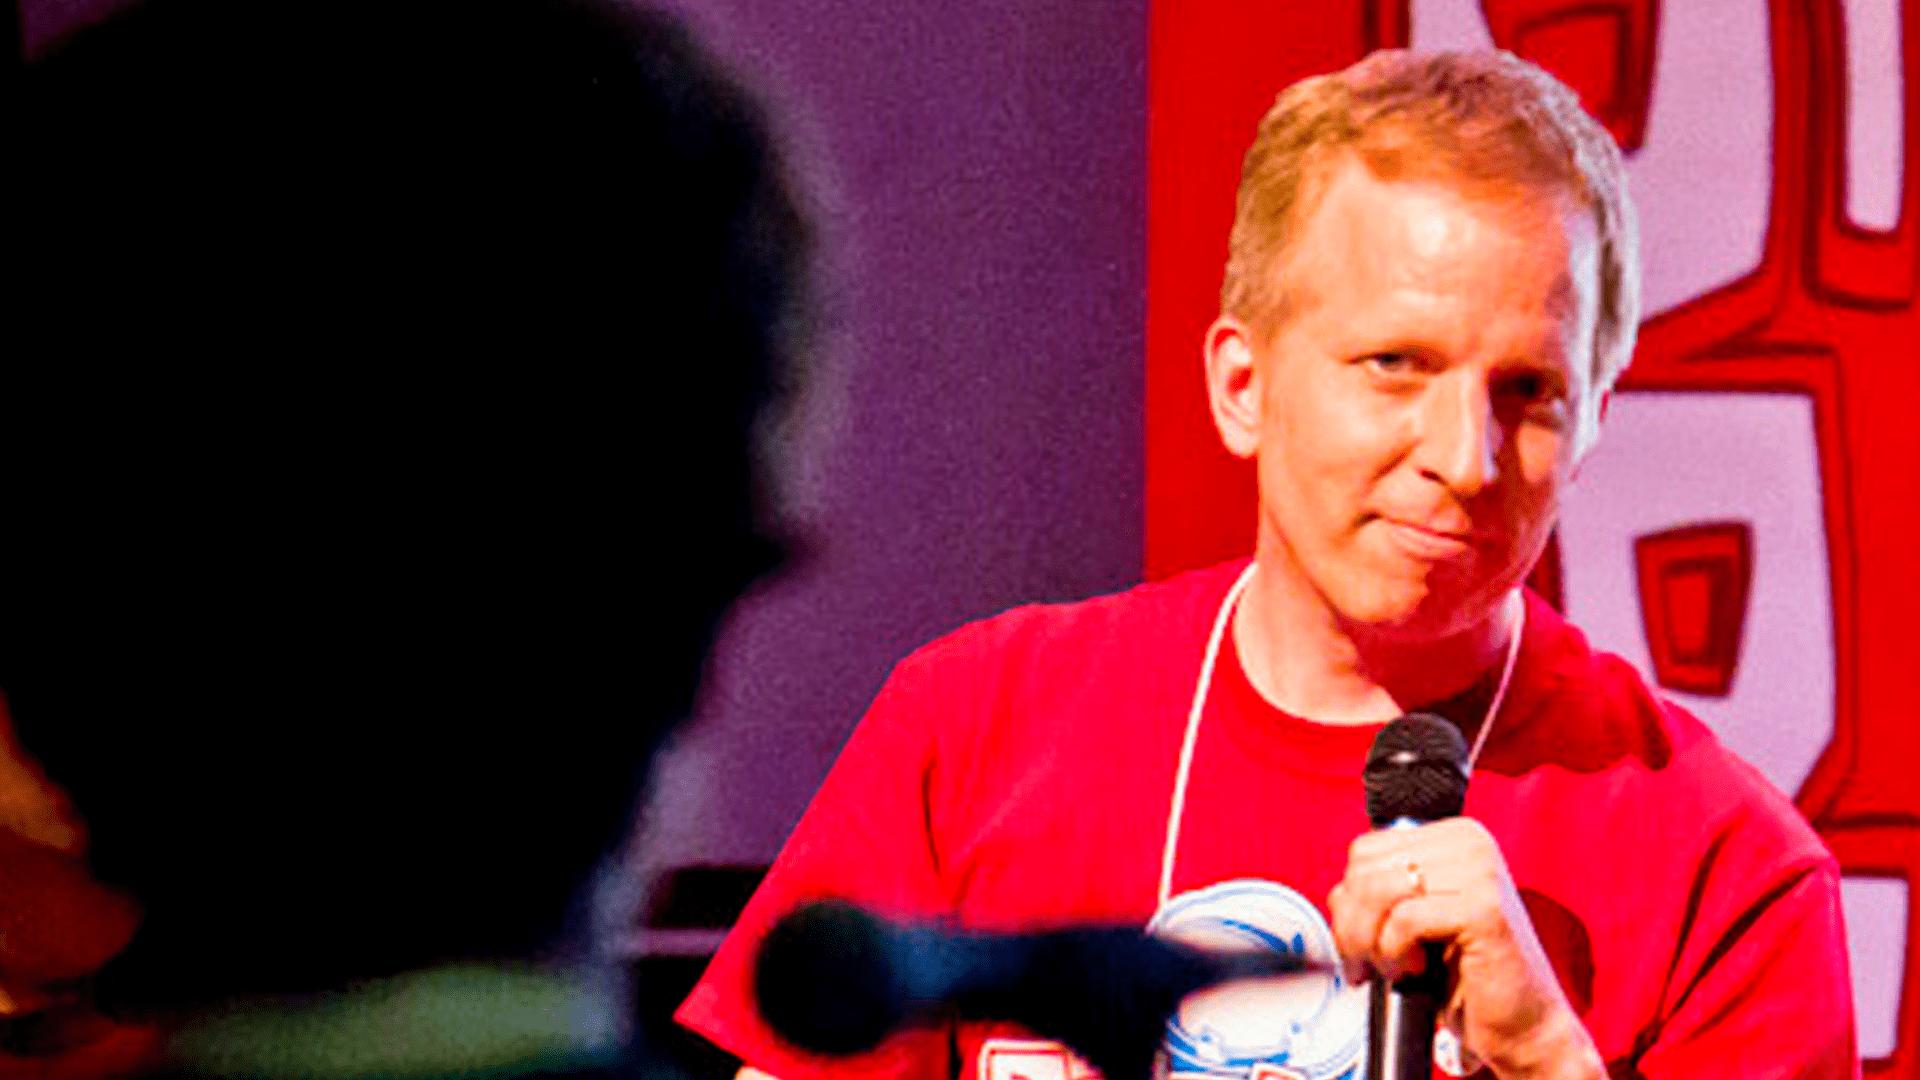 Erik Cassel foi um dos criadores do Roblox e faleceu em 2013 (Foto: Divulgação/Roblox)